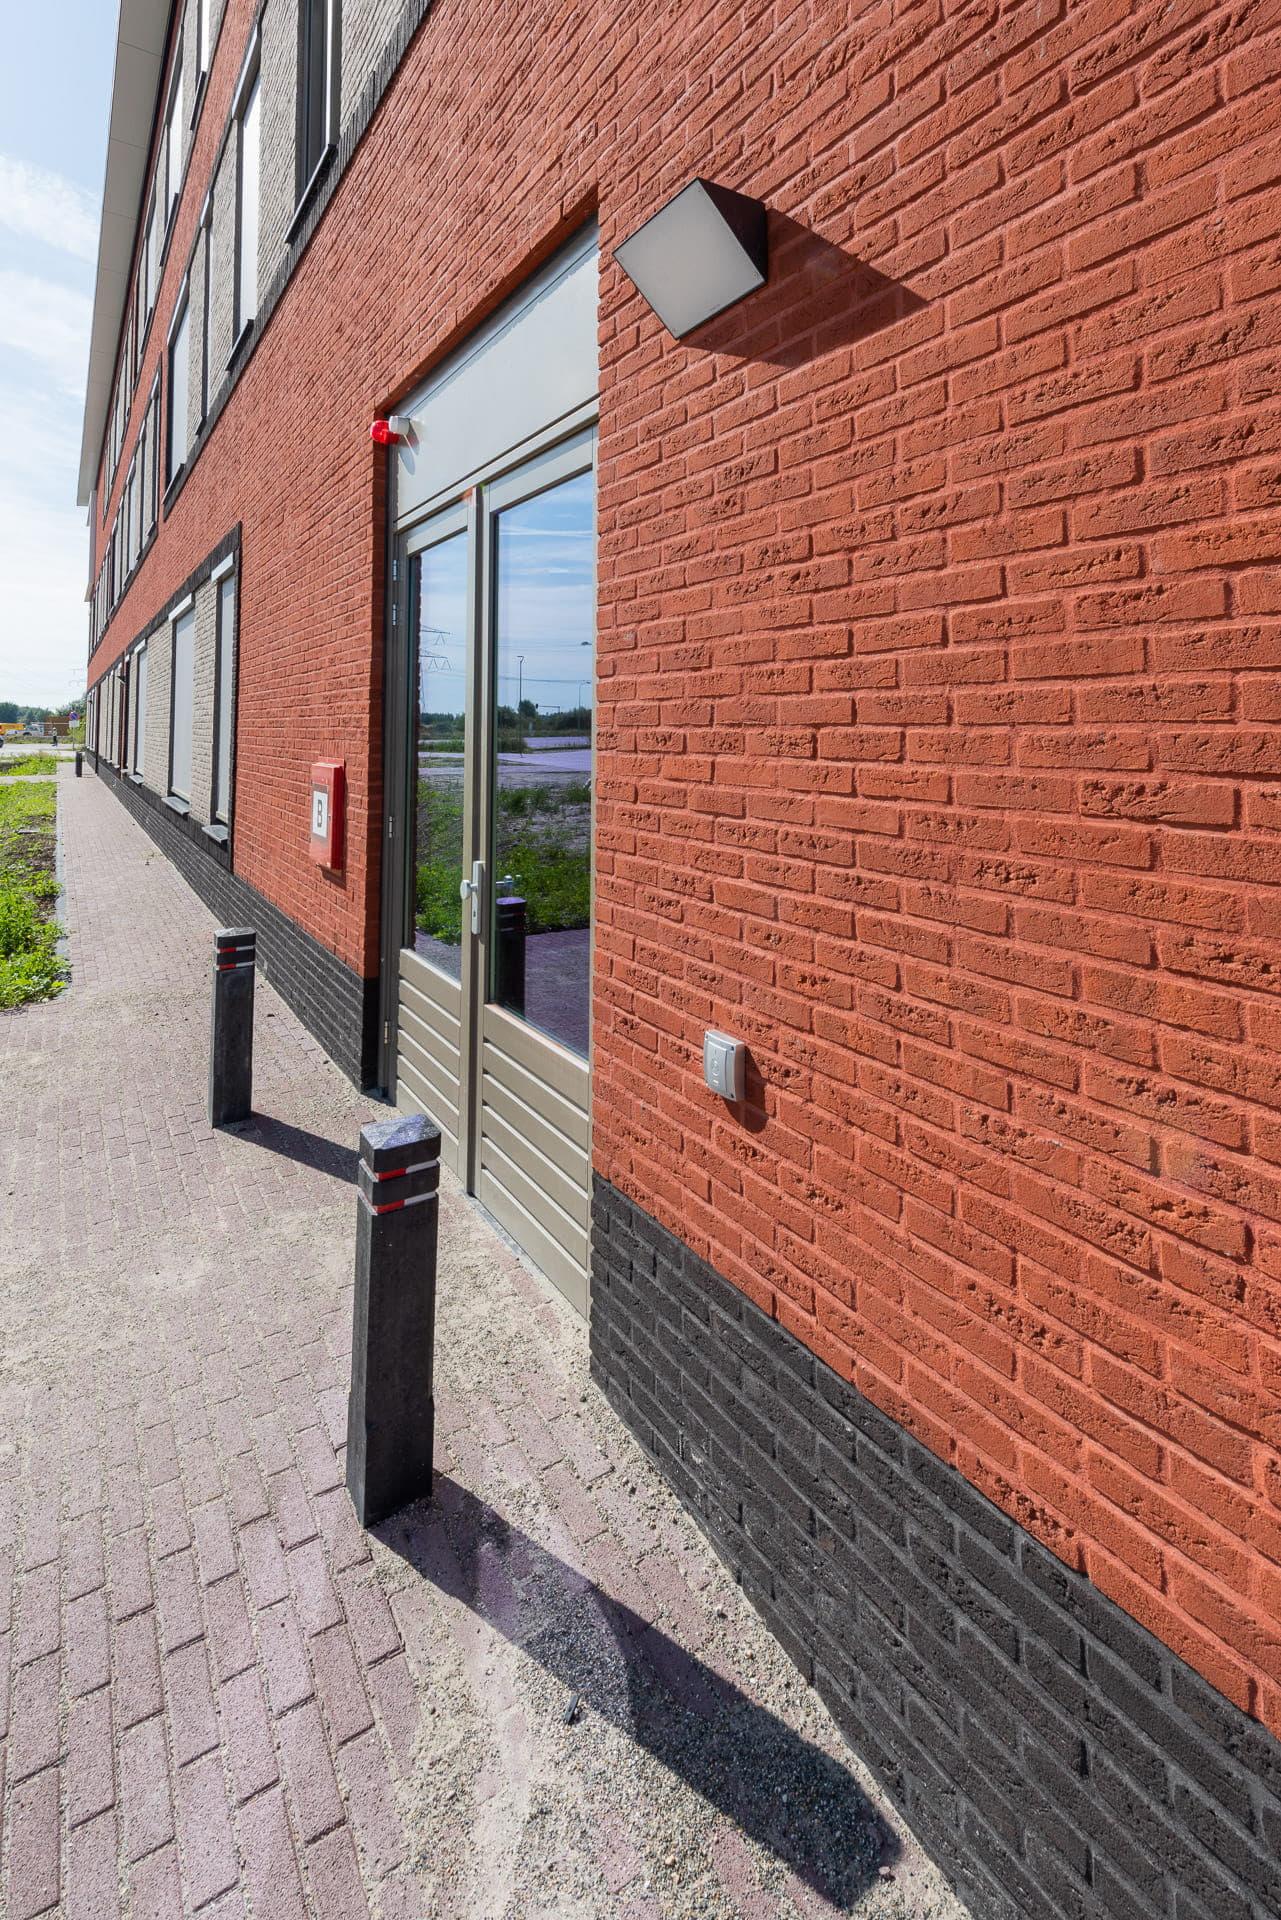 Zijkant van een rode gevel met een deur en paaltjes ervoor